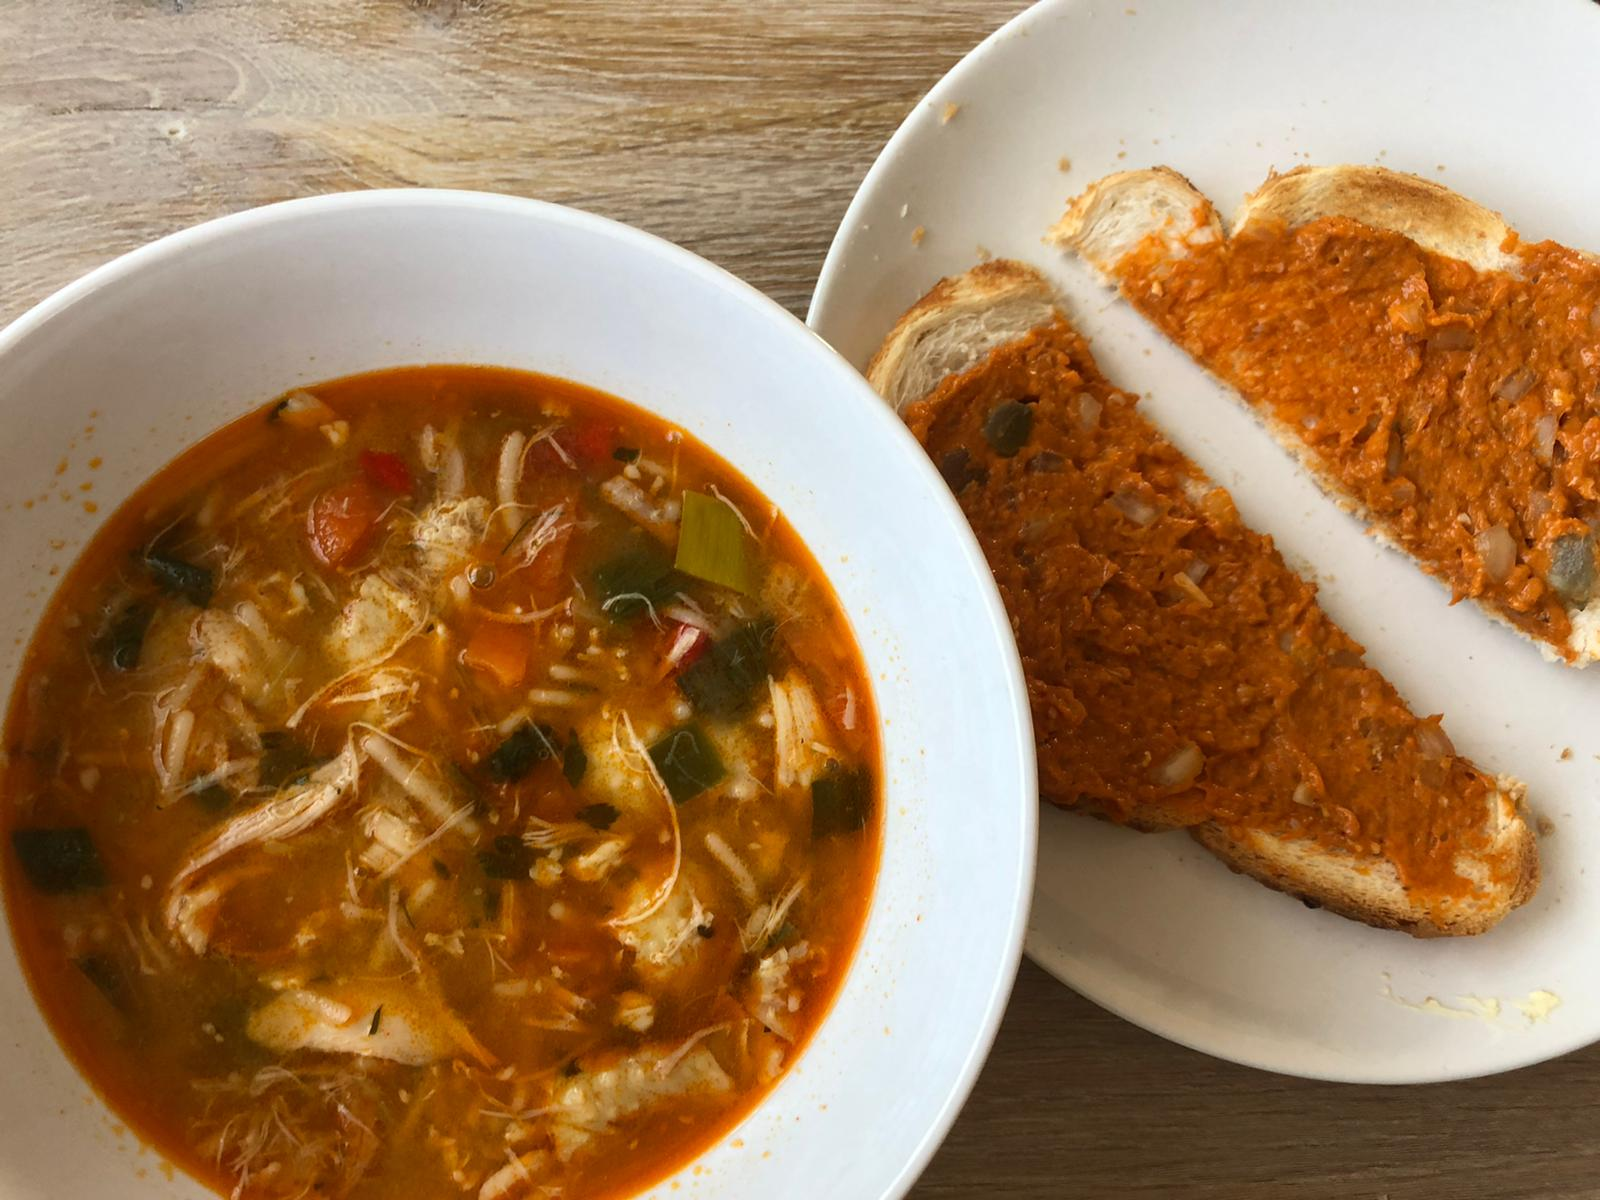 Avondeten met soep en brood